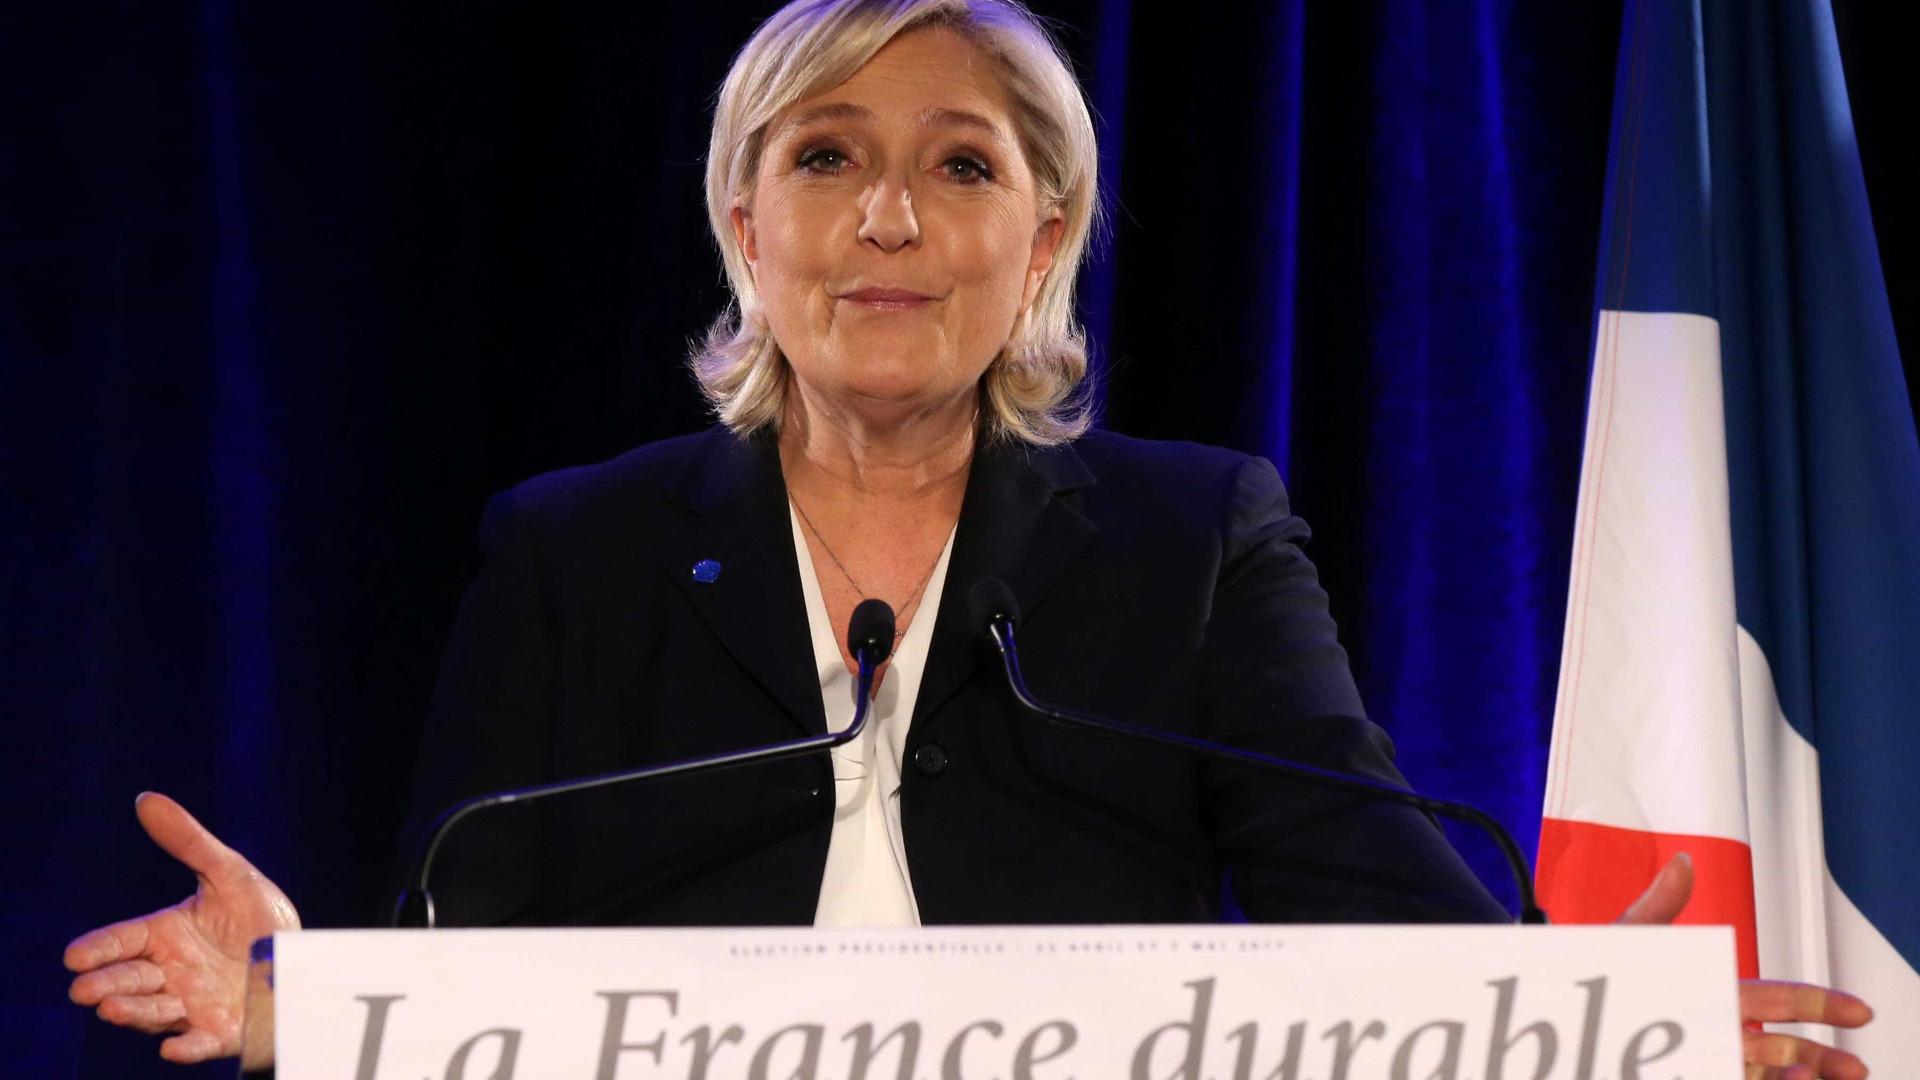 Polícia faz buscas a sede de campanha de Marine Le Pen